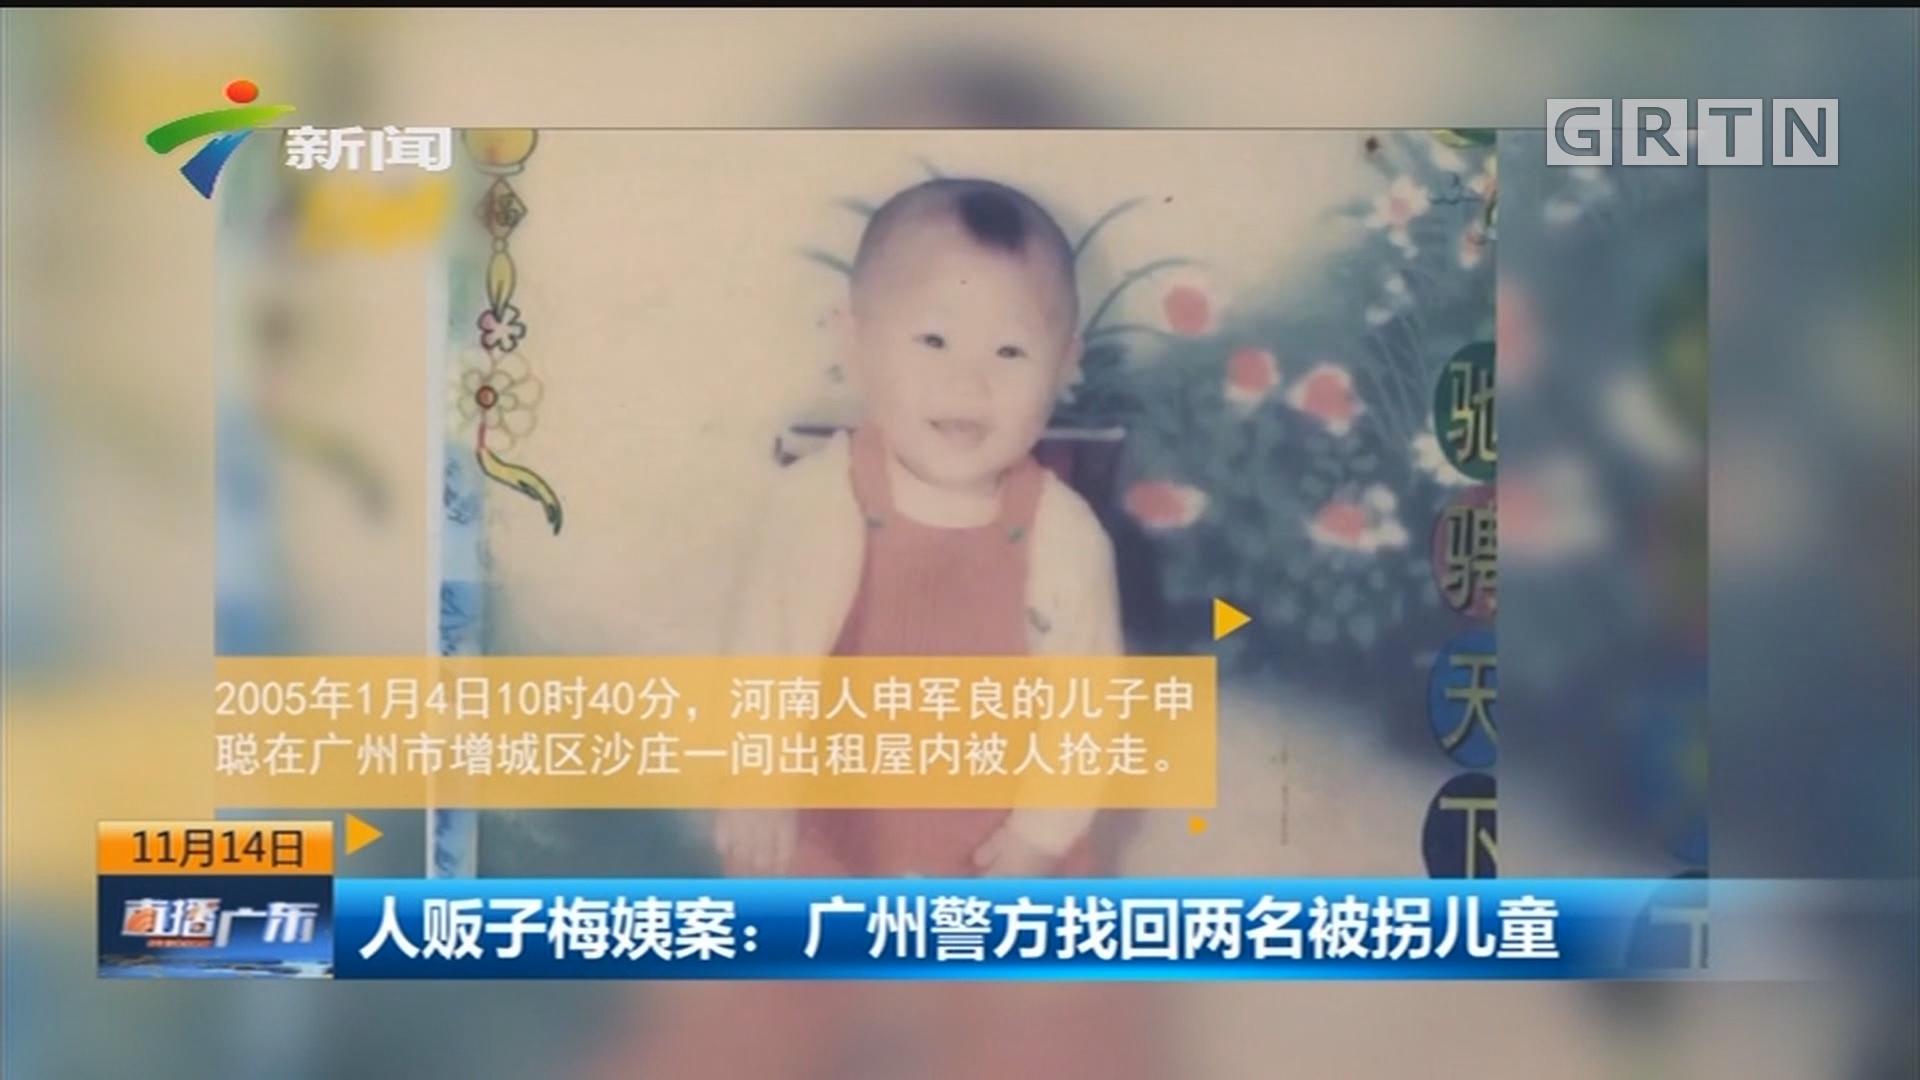 人贩子梅姨案:广州警方找回两名被拐儿童